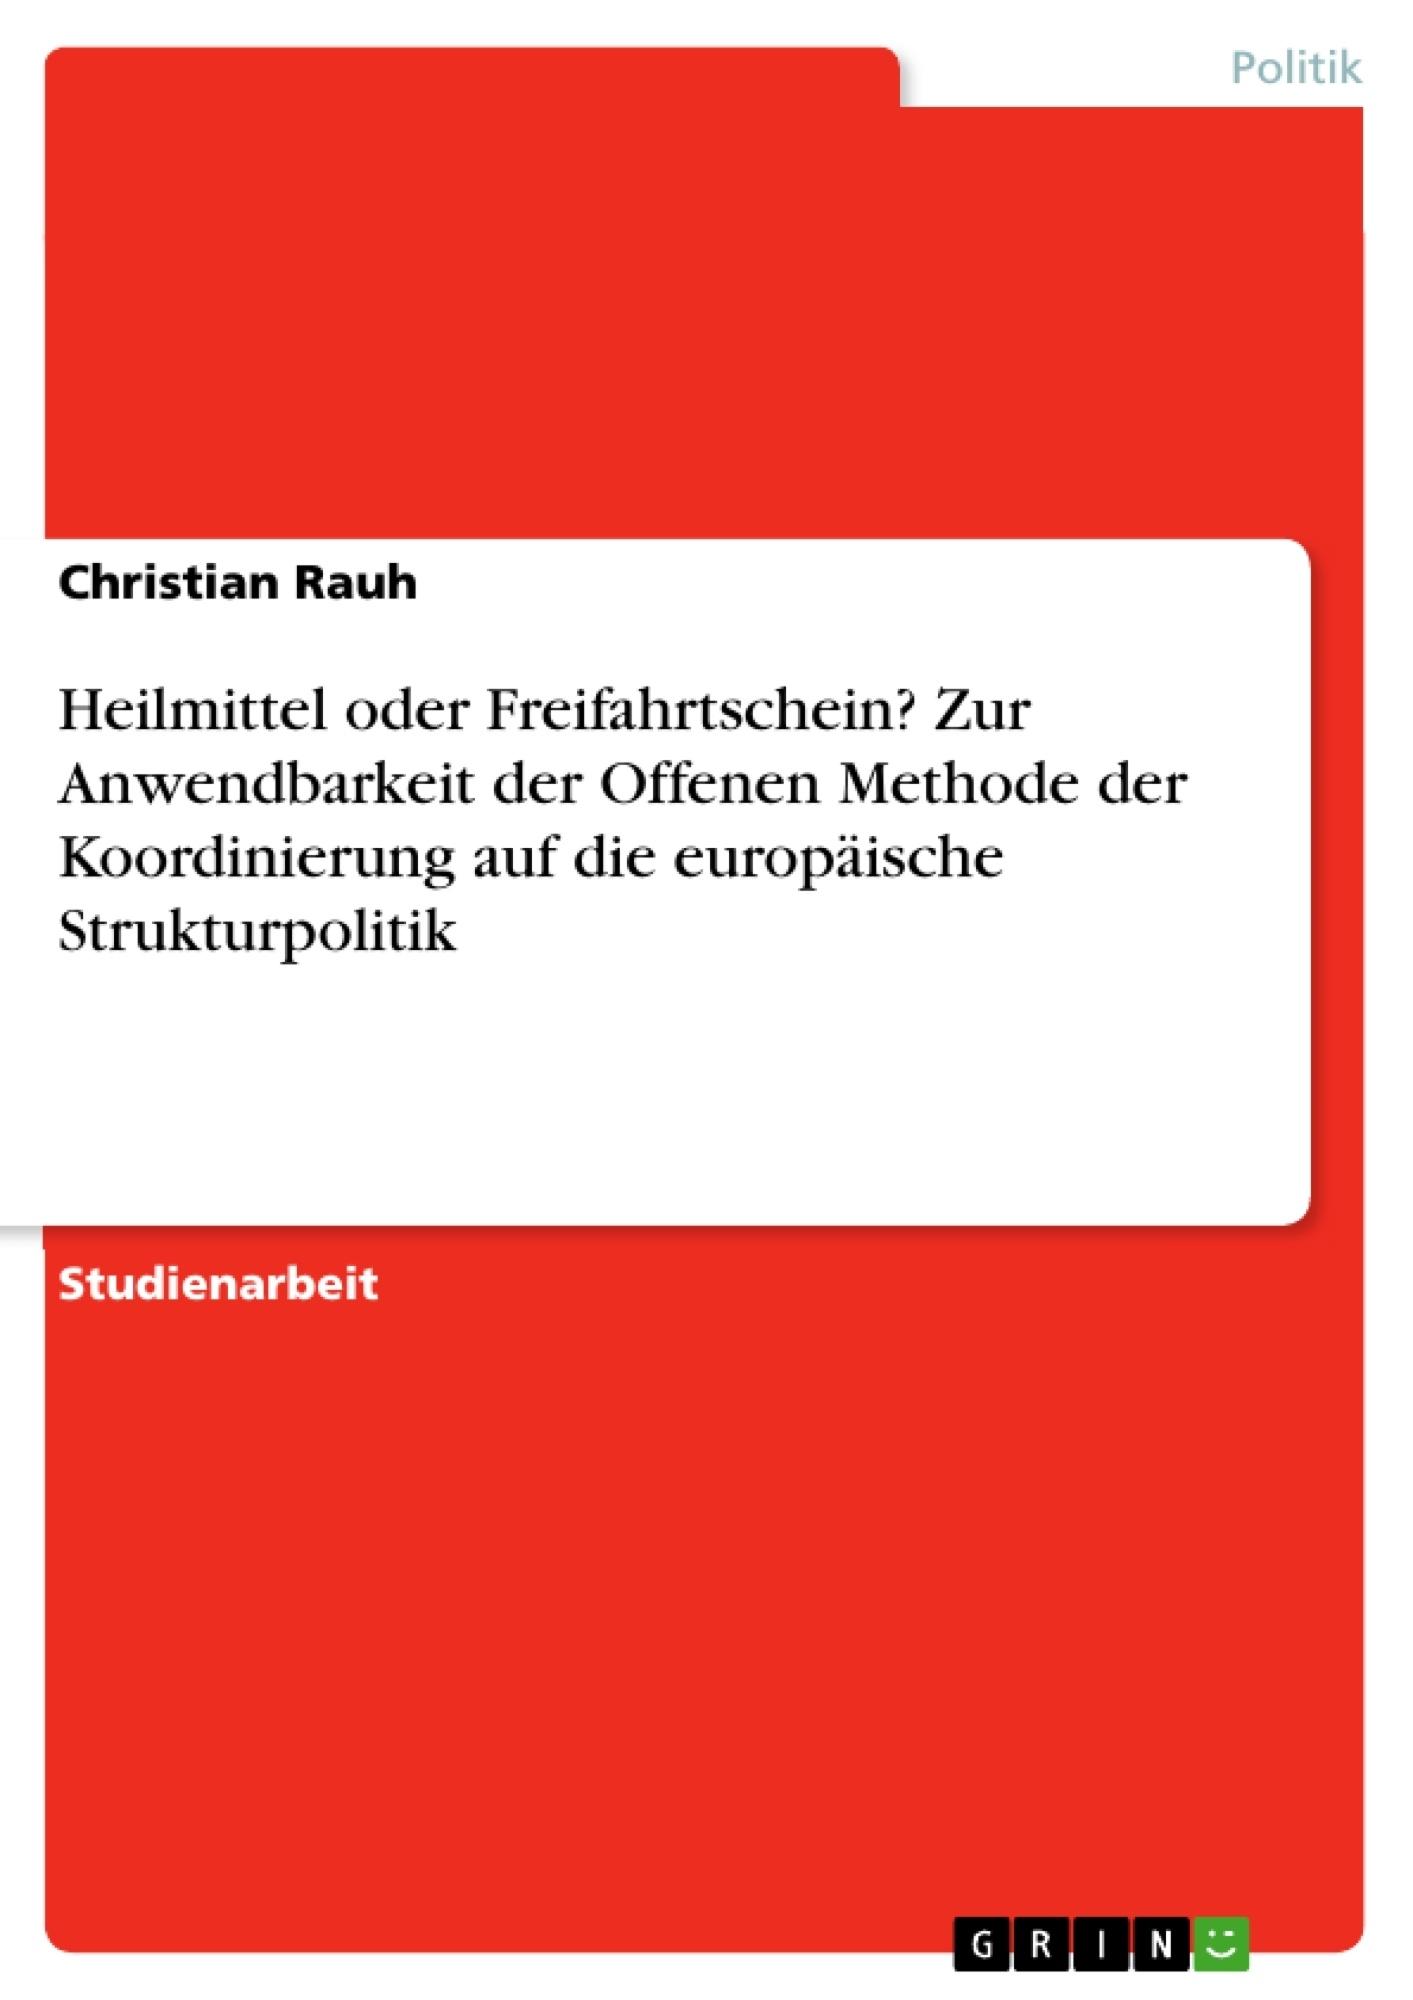 Titel: Heilmittel oder Freifahrtschein? Zur Anwendbarkeit der Offenen Methode der Koordinierung auf die europäische Strukturpolitik